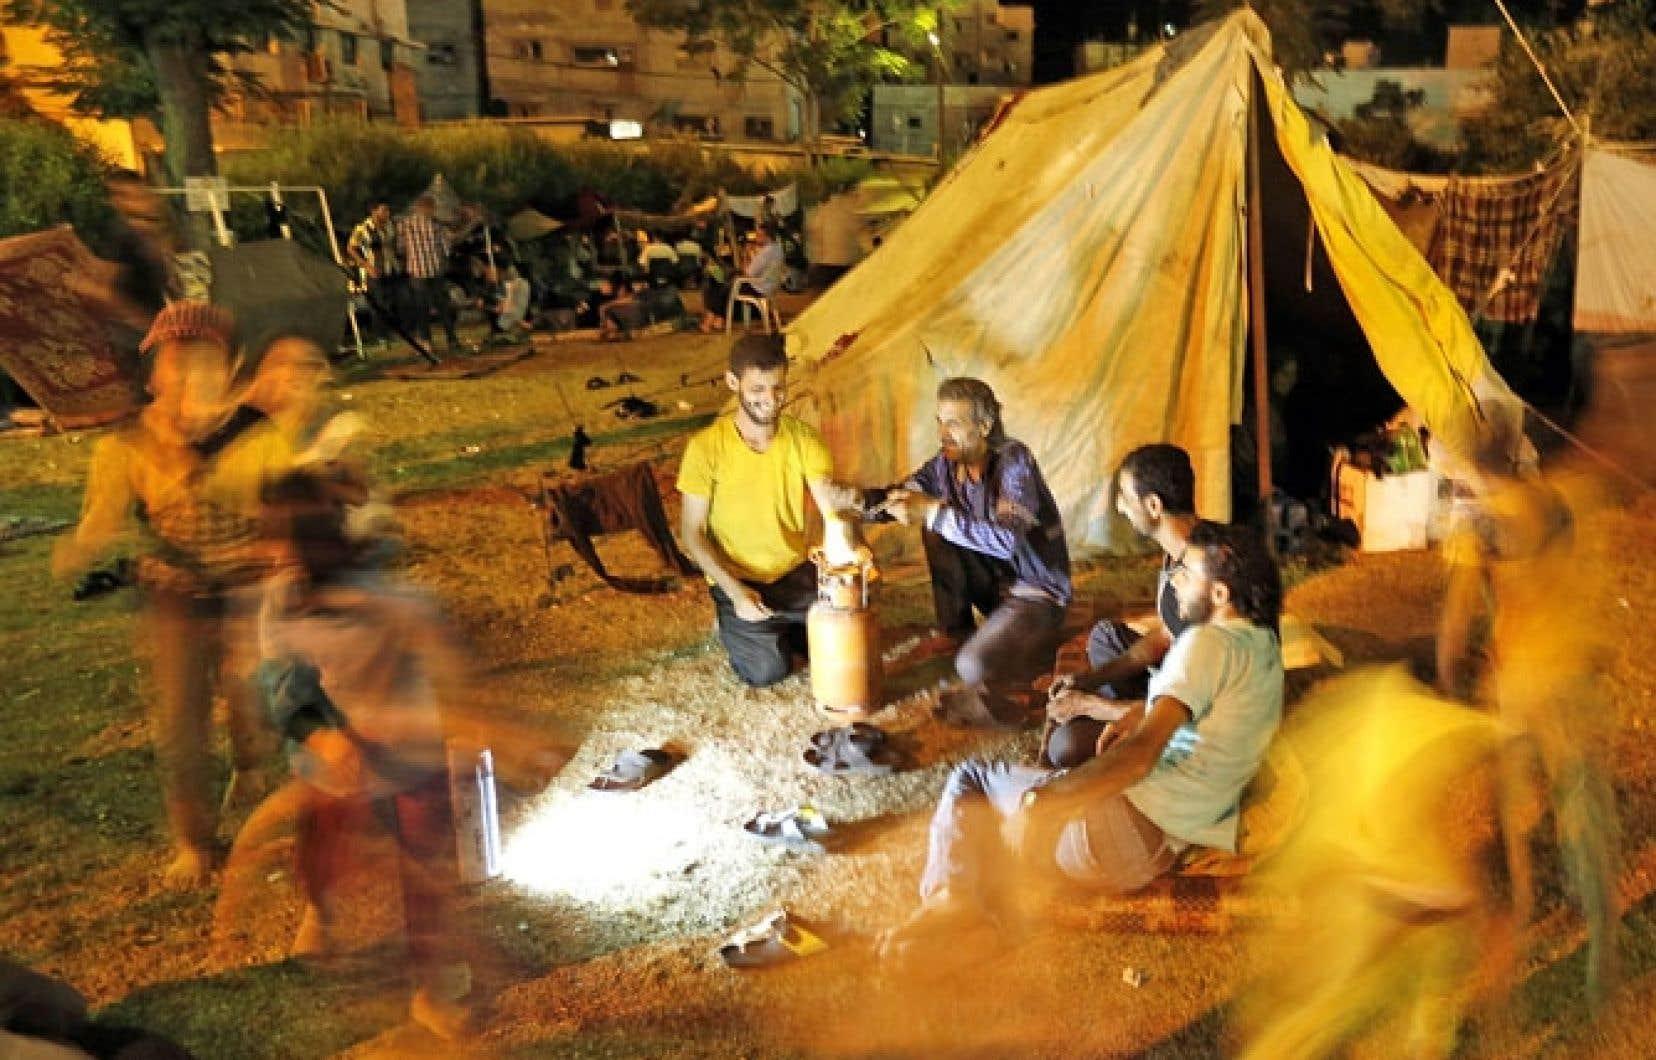 Des Palestiniens ont établi un camp devant l'hôpital al-Shifa après le bombardement de leur maison par des frappes israéliennes le 2 août.